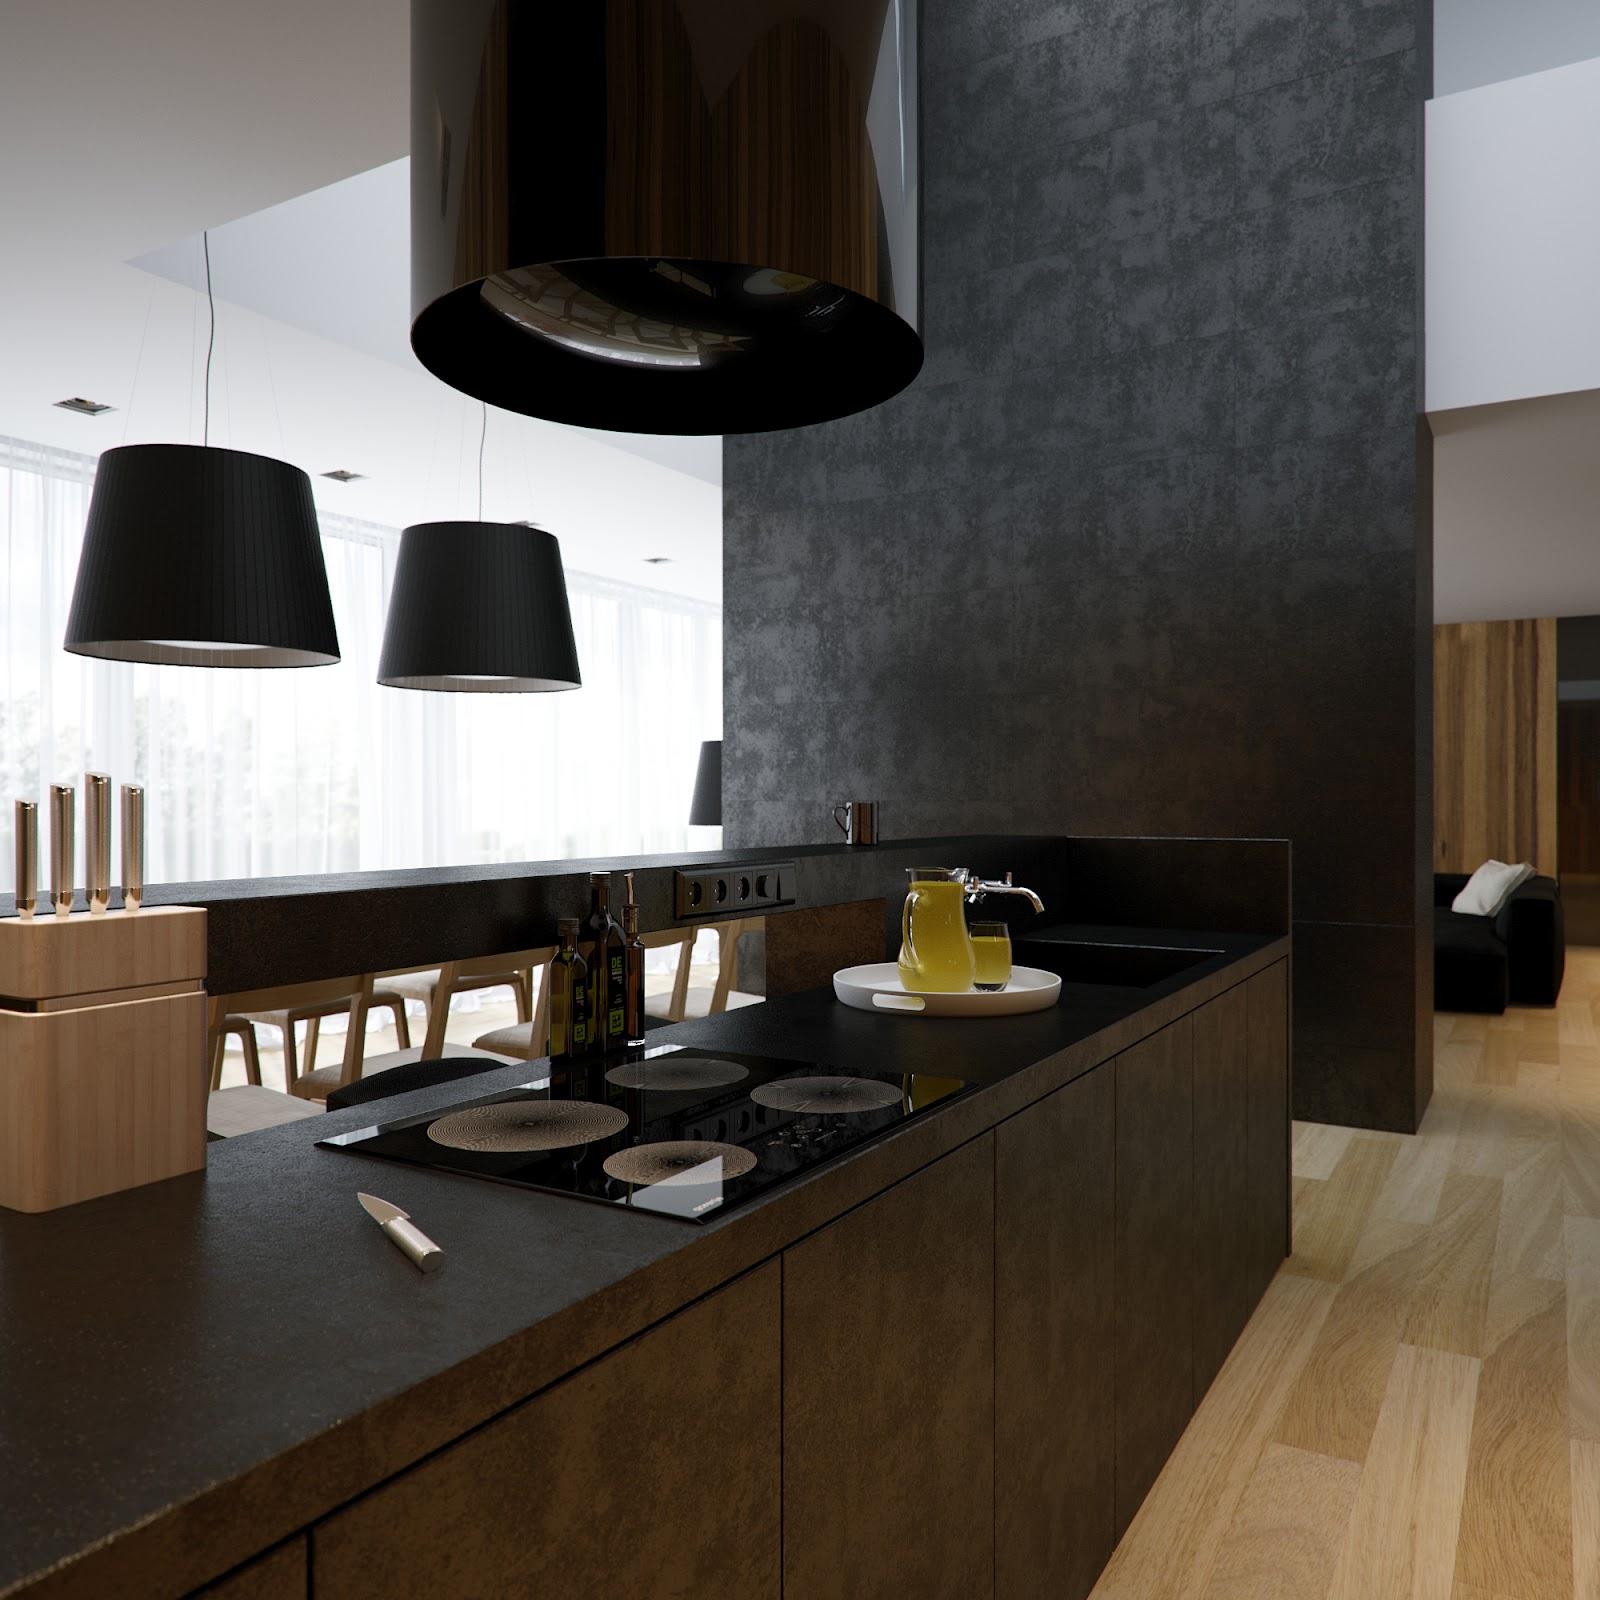 Бежево-черная кухня в стиле минимализм